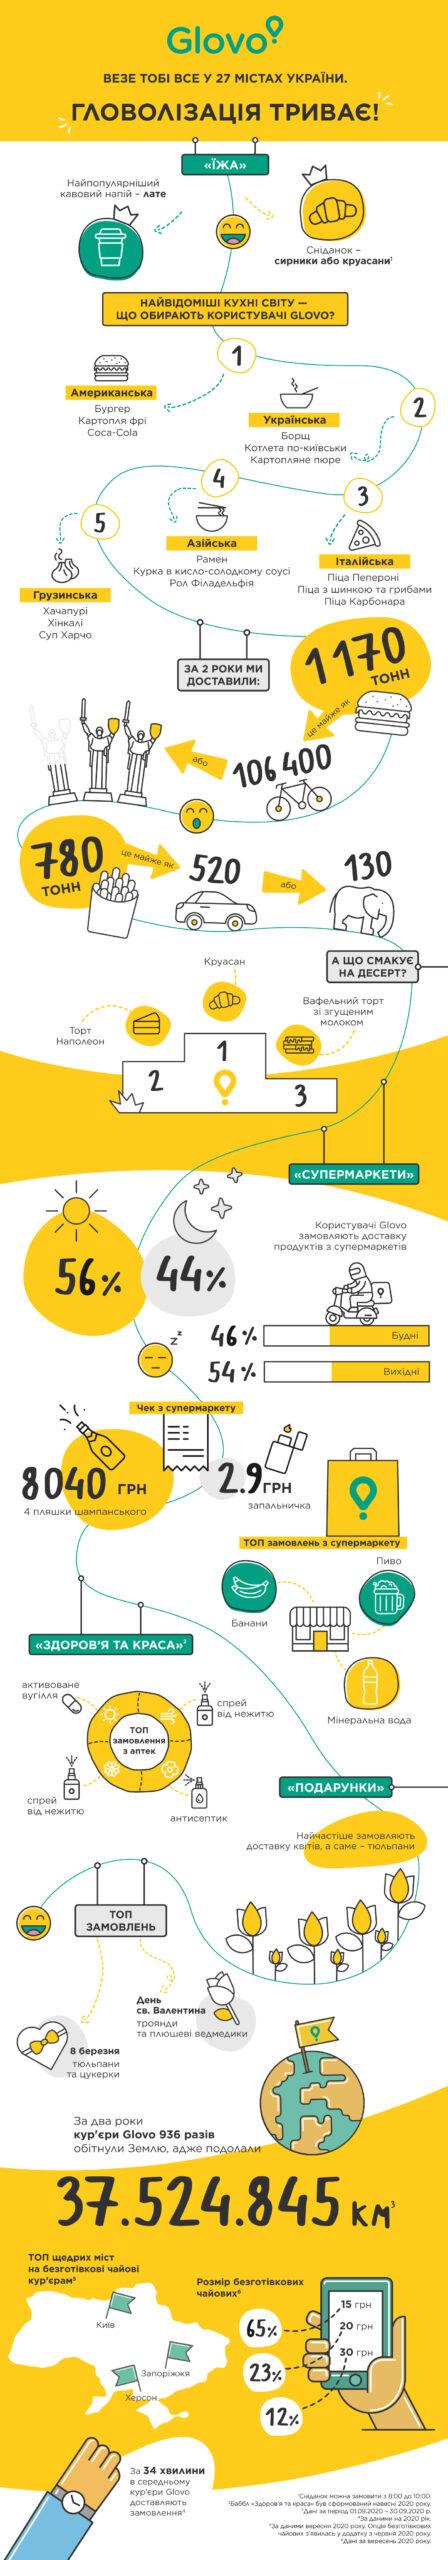 27 міст, 2 «хмарні кухні» та 1170 тонн бургерів - сервіс Glovo відзначає другу річницю роботи в Україні - startups, partners, news, groshi, business